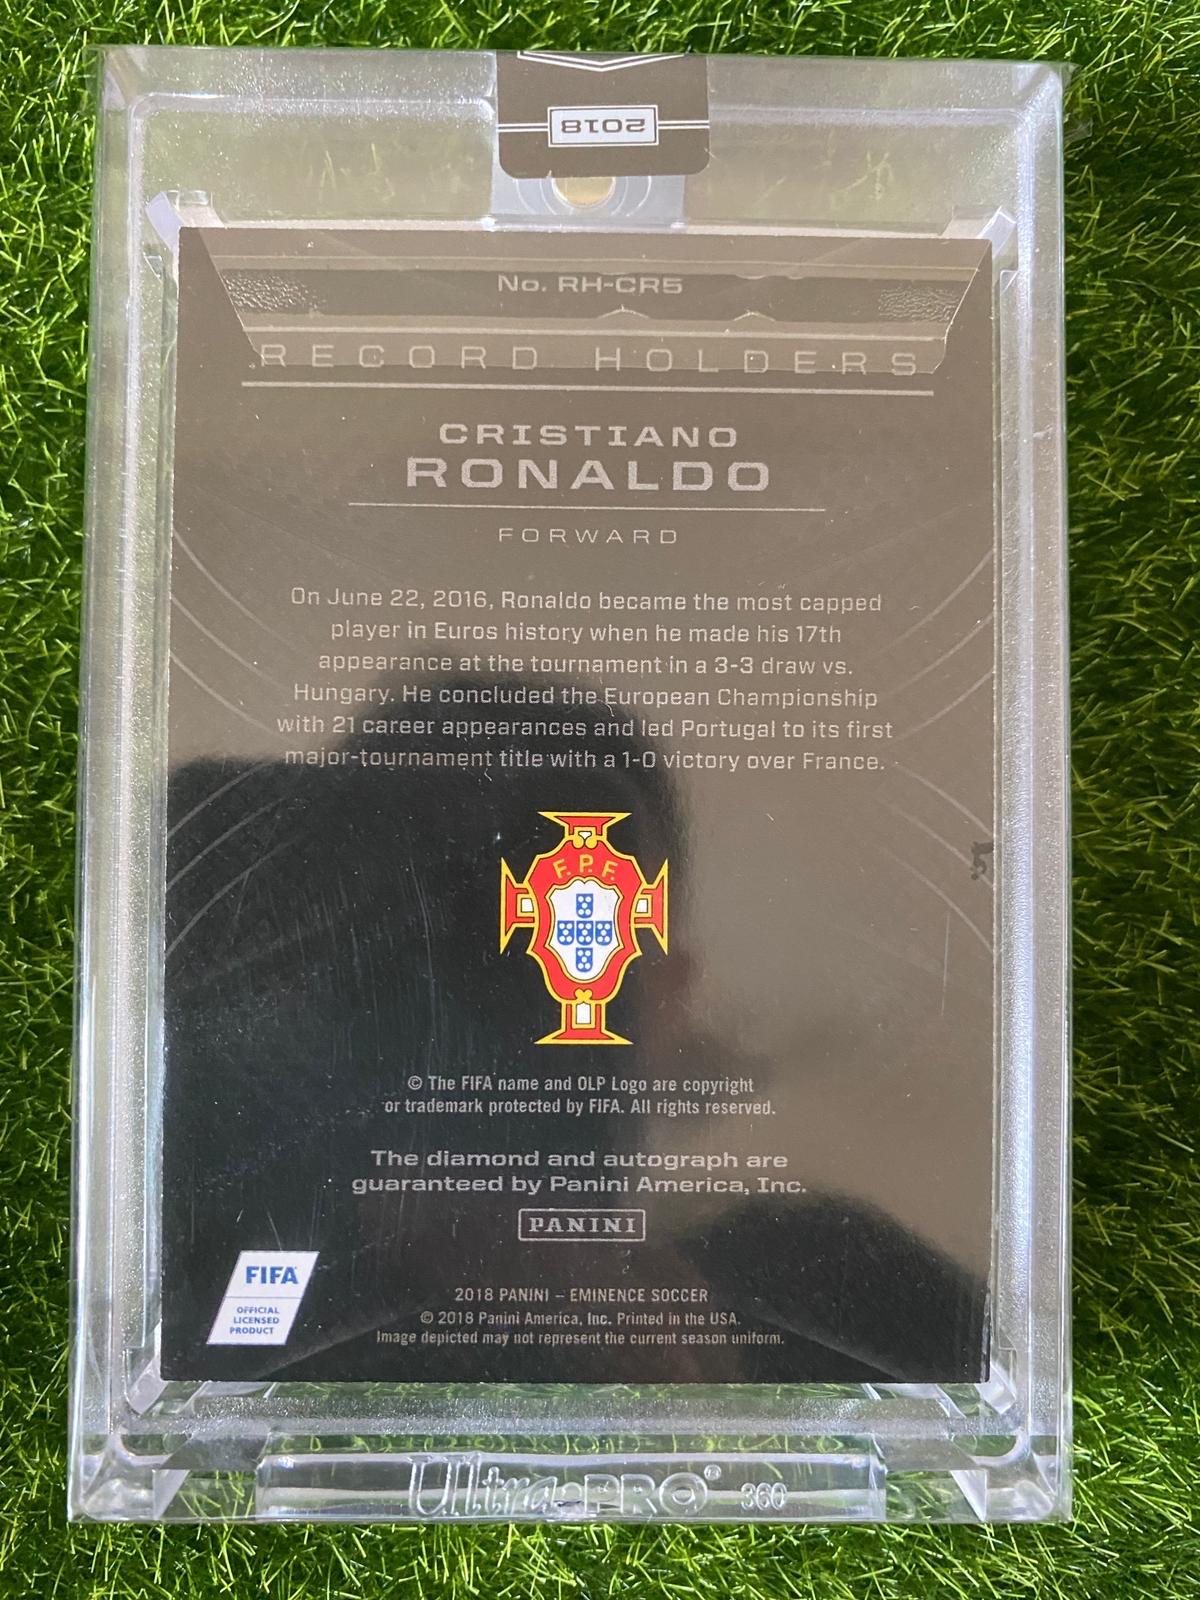 【天龙球星卡】2018 大真金 葡萄牙 C罗纳尔多 Record Holders 钻石纪录签字 Cristiano Ronaldo 稀有卡签 同背 07/10